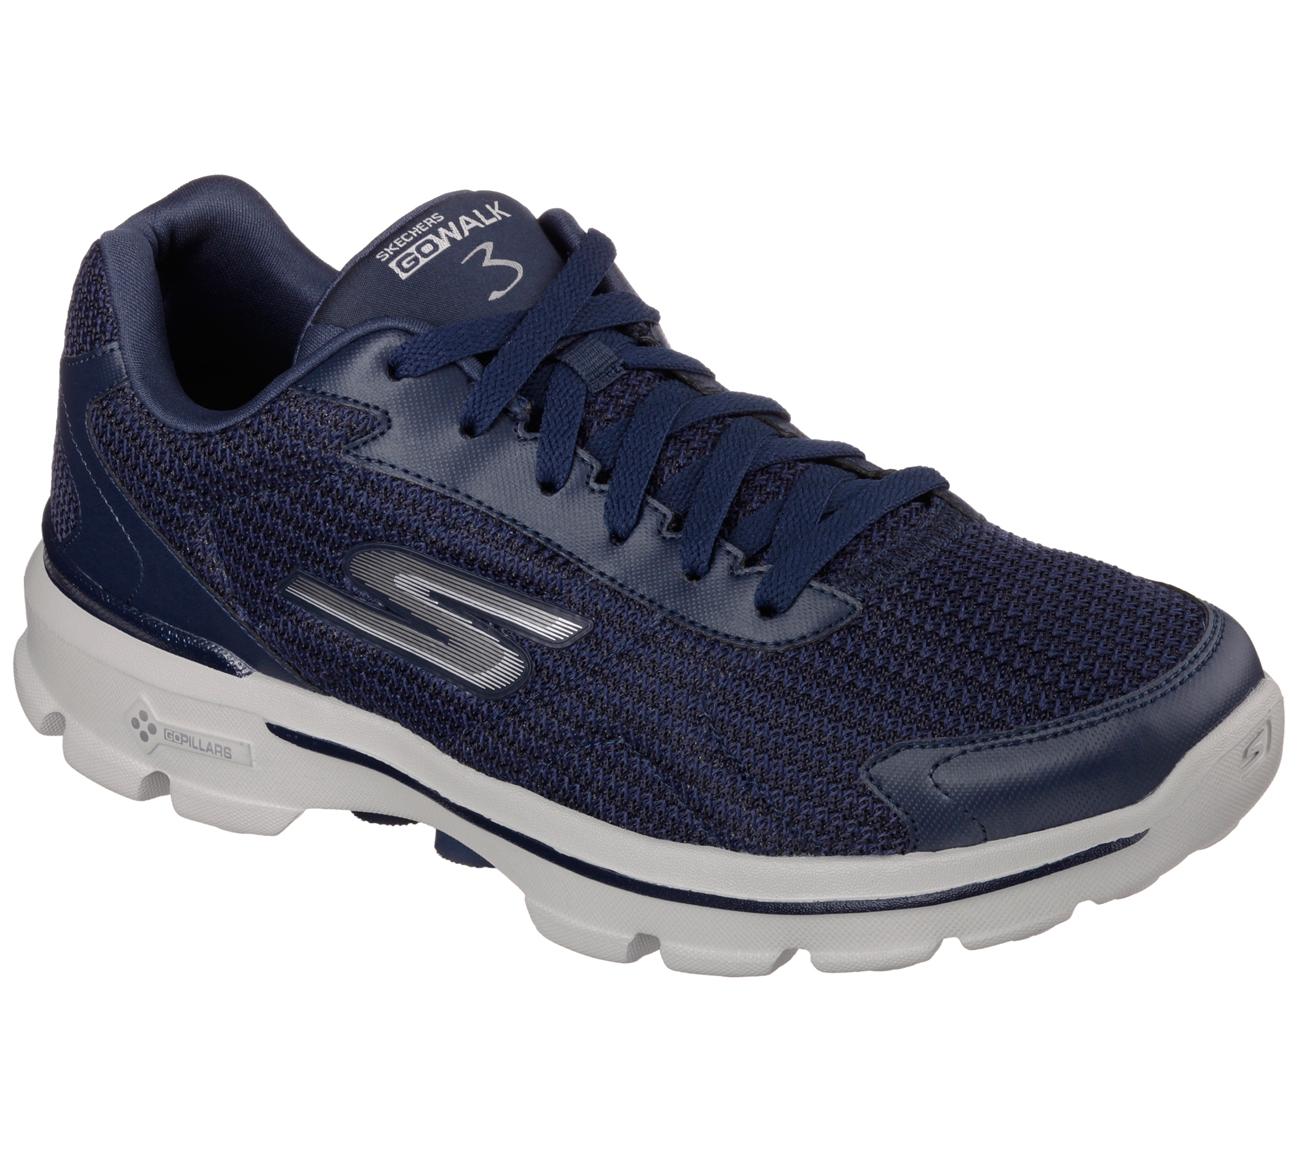 Buy SKECHERS Skechers GOwalk 3 FitKnitGOwalk Shoes Only